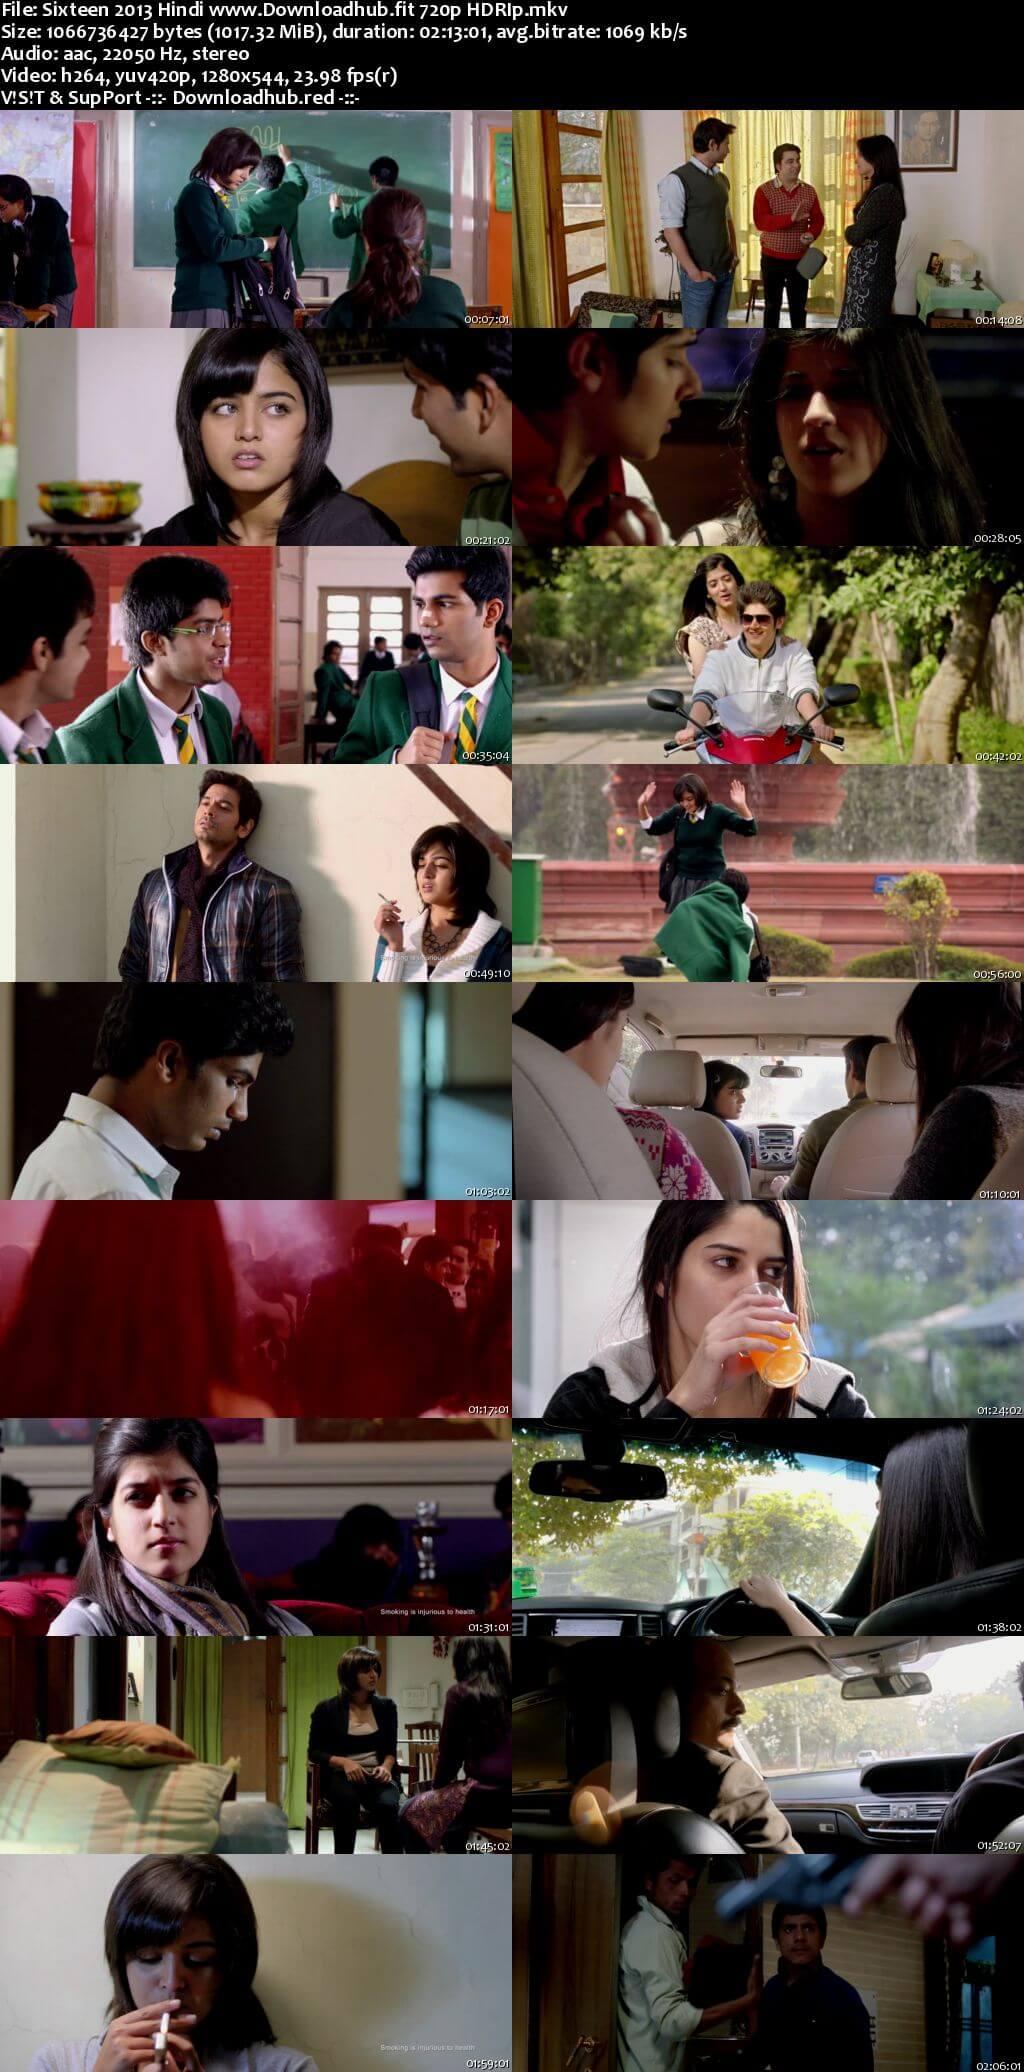 Sixteen 2013 Hindi 720p HDRip x264